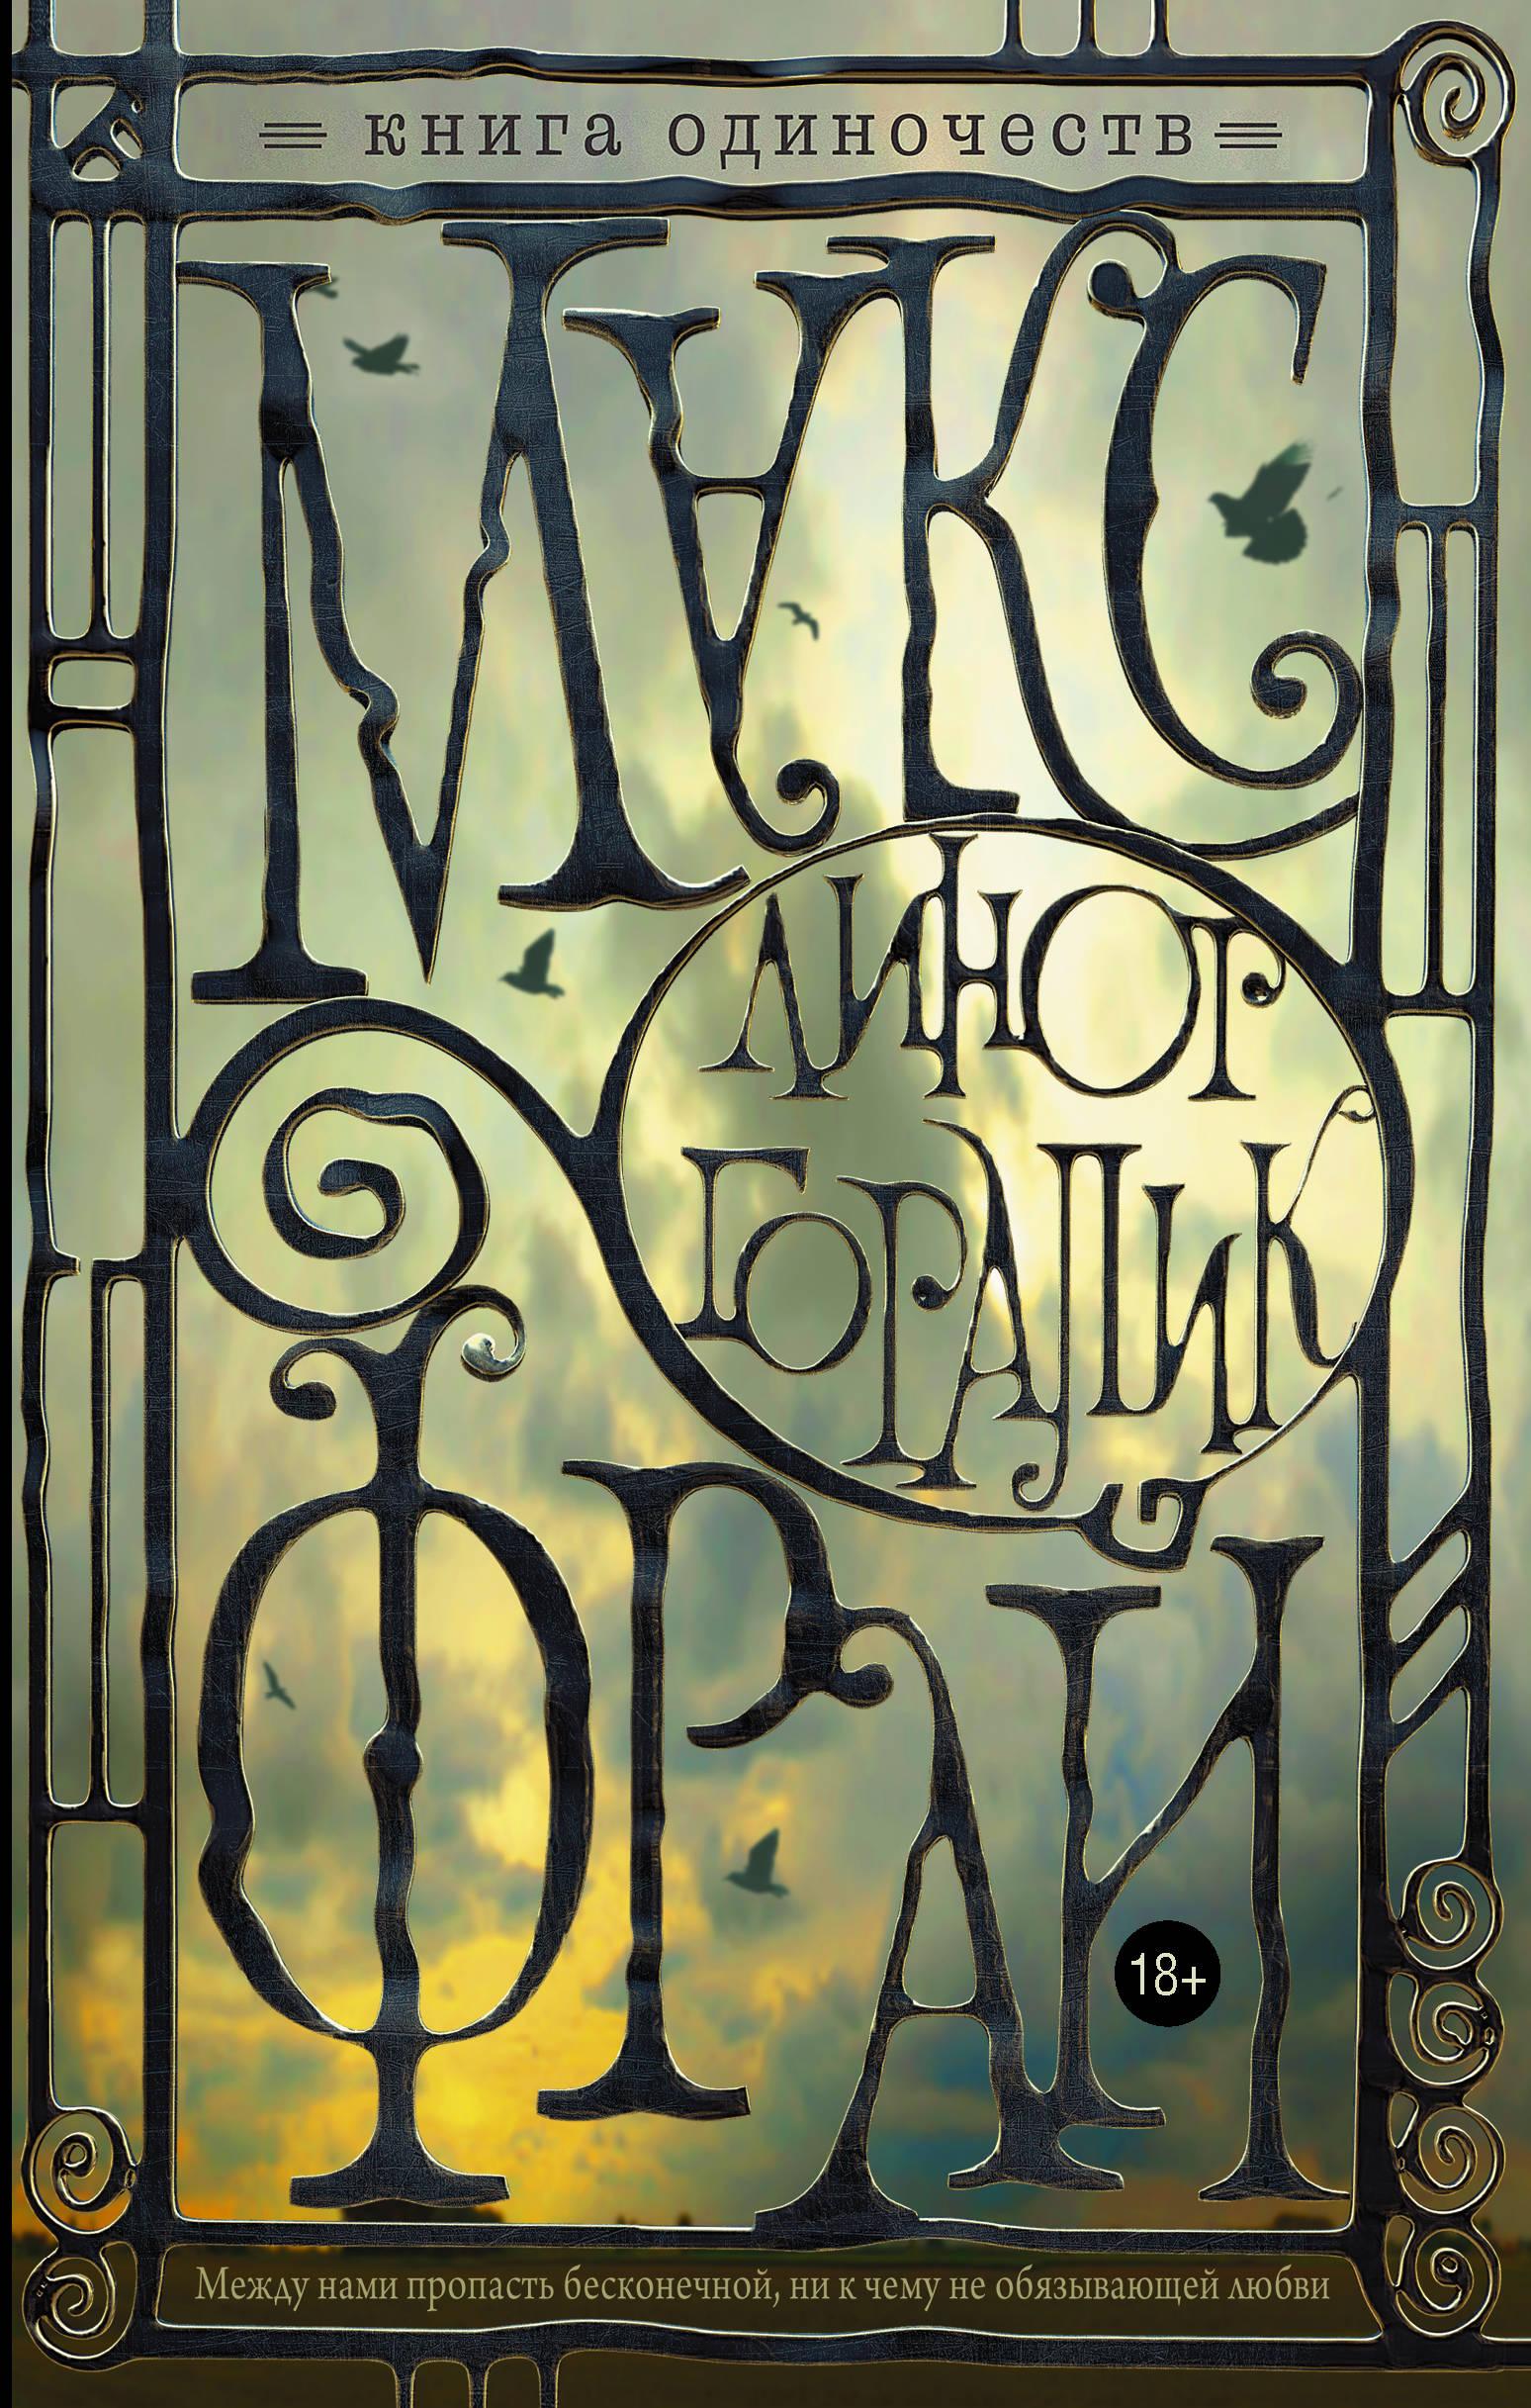 книги азбука структура художественного текста анализ поэтического текста Линор Горалик, Макс Фрай Книга одиночеств